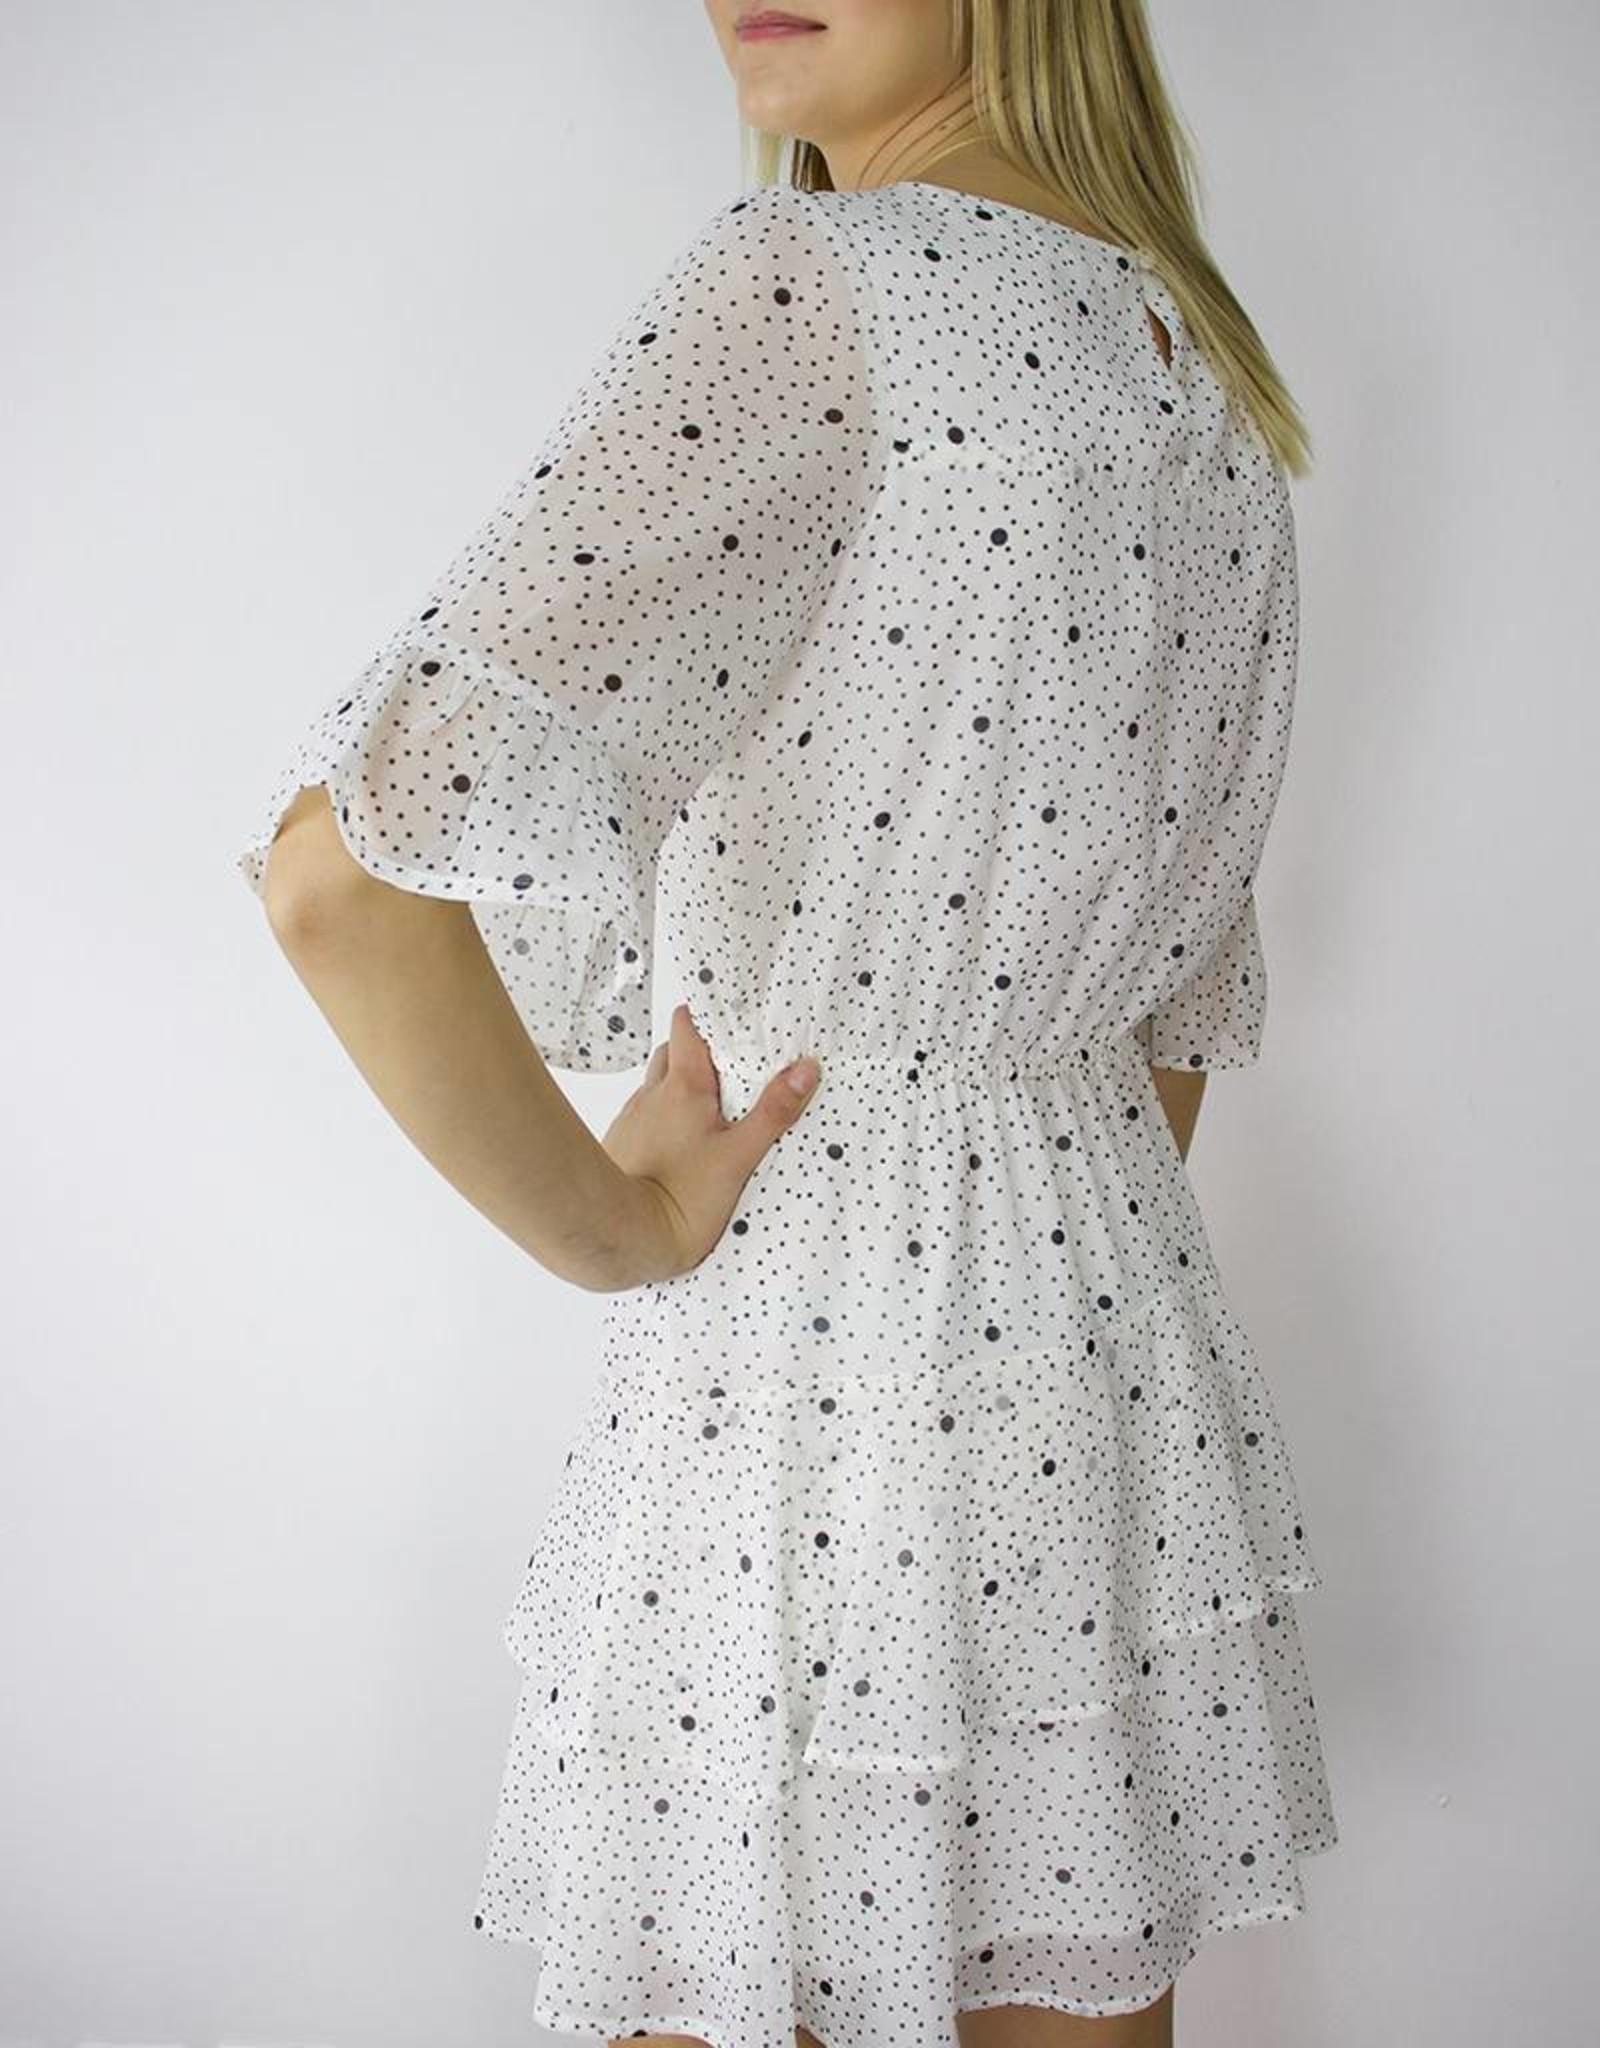 BB DAKOTA Dots on Dots Dress